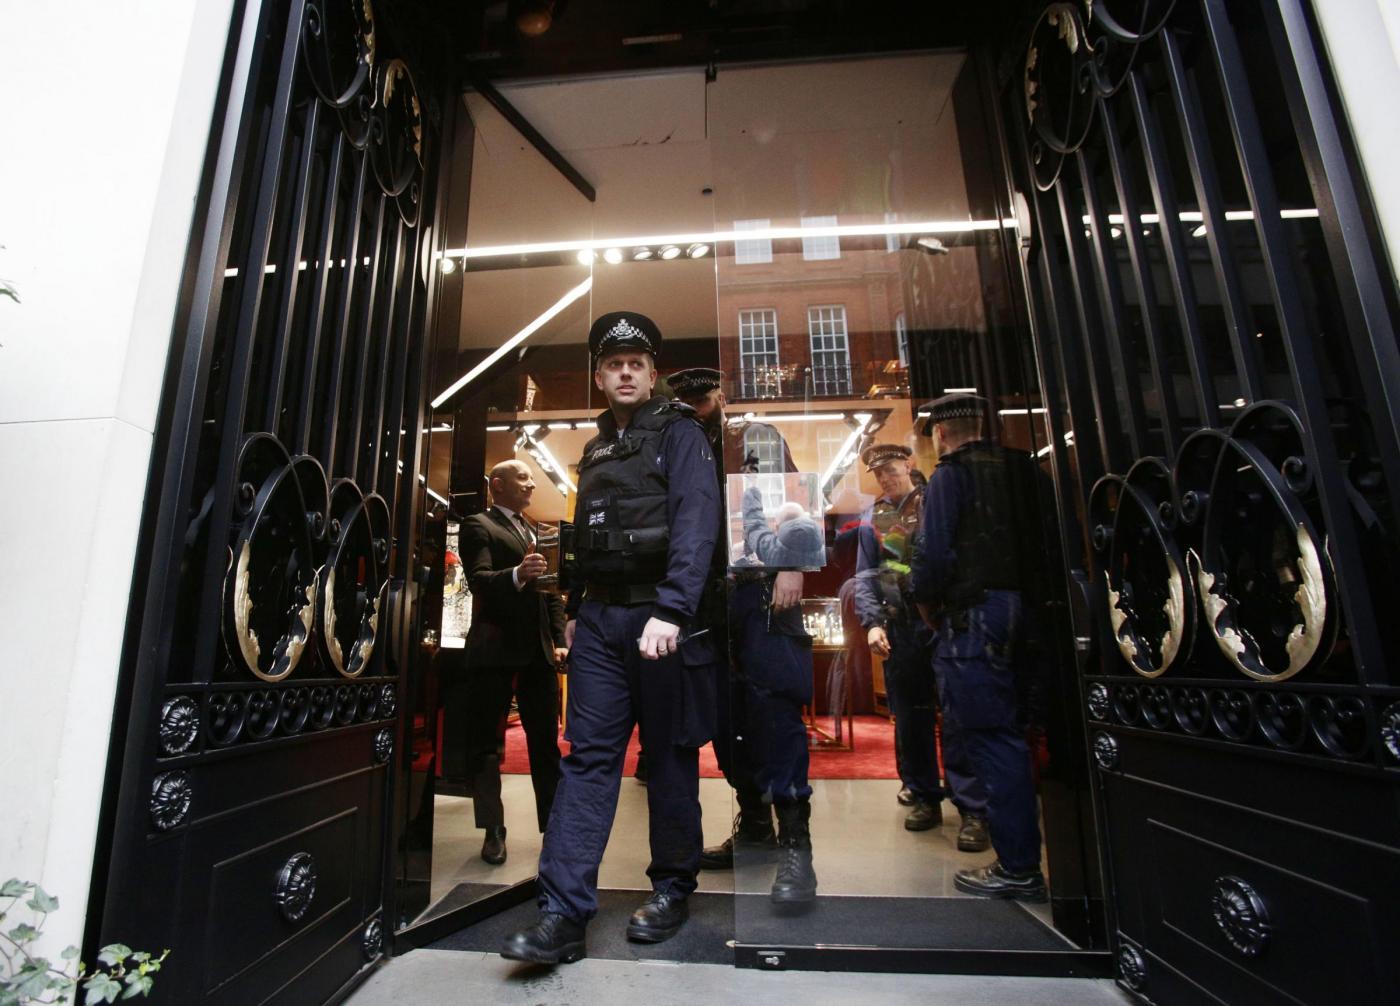 Dolce & Gabbana e l'utero in affitto: proteste davanti al negozio di Londra05